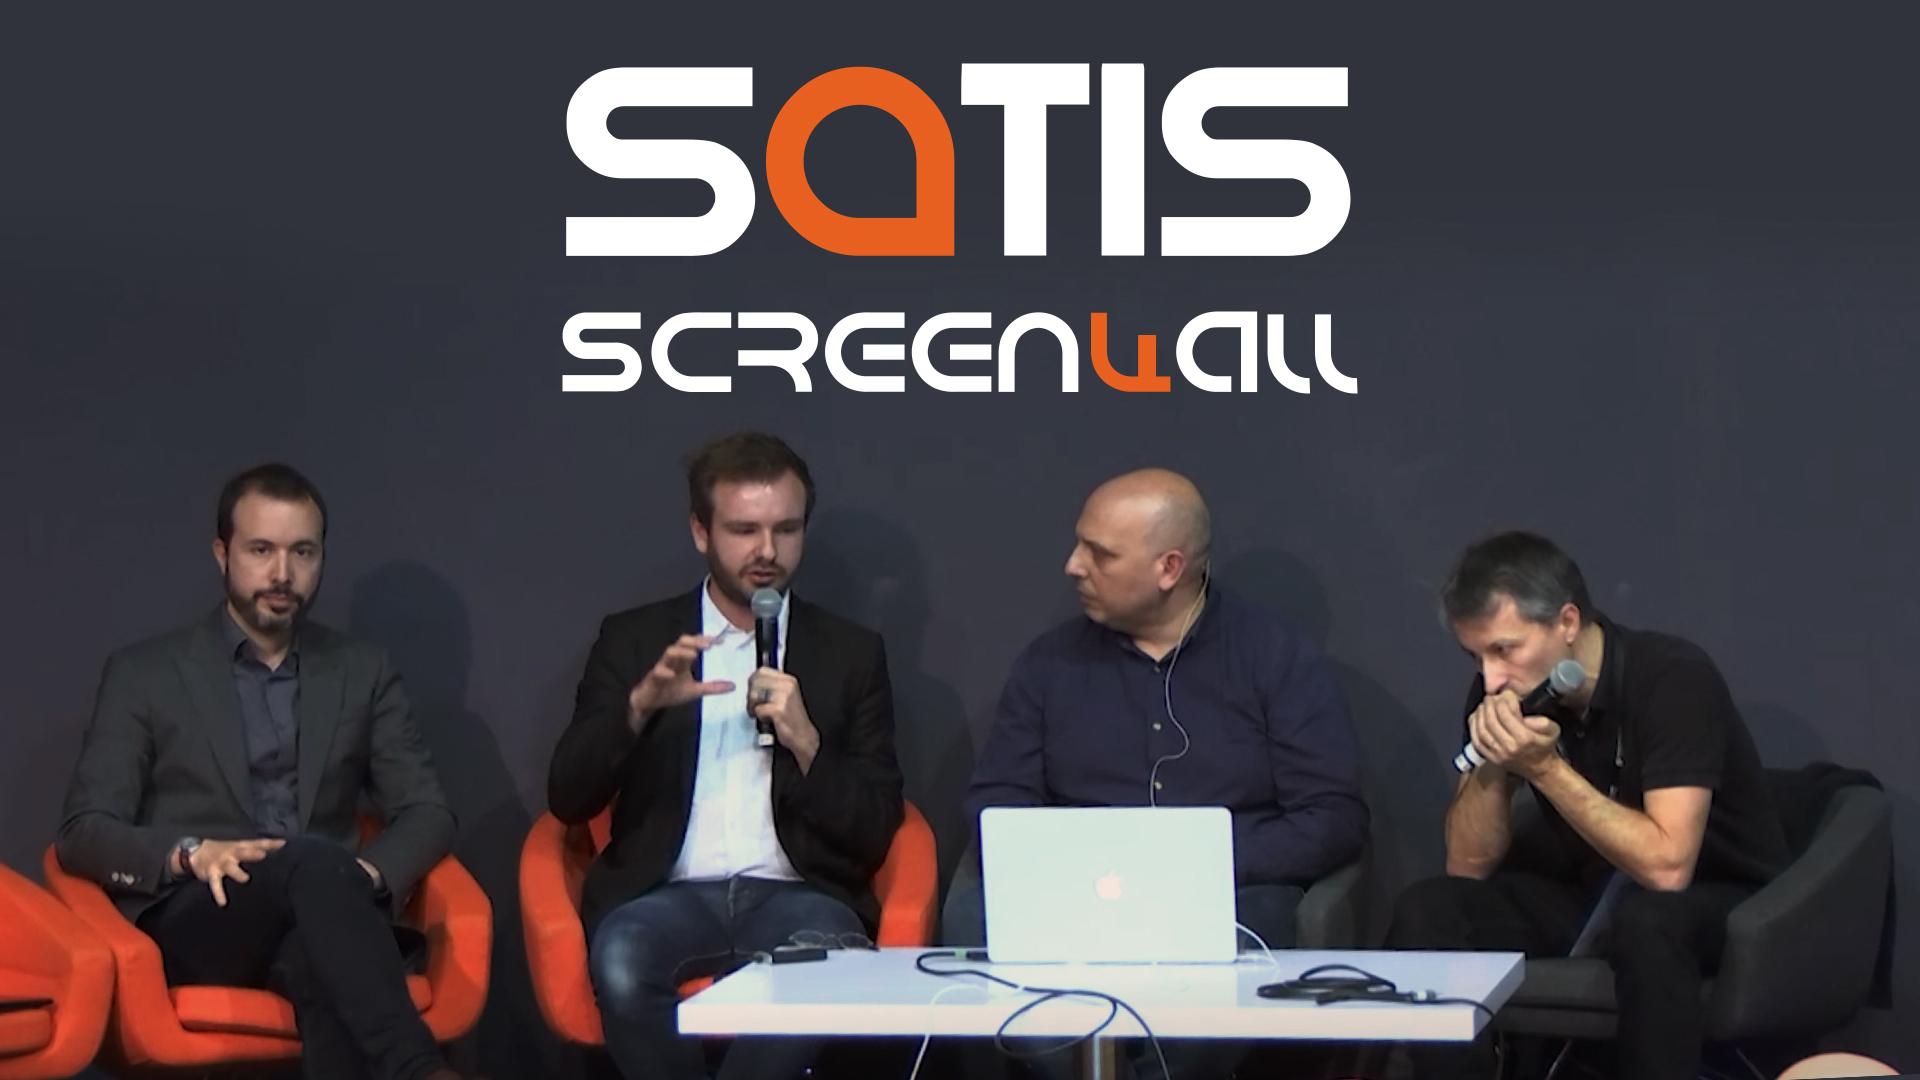 Le HDR démystifié - Conférence Satis - Sylvain Berard